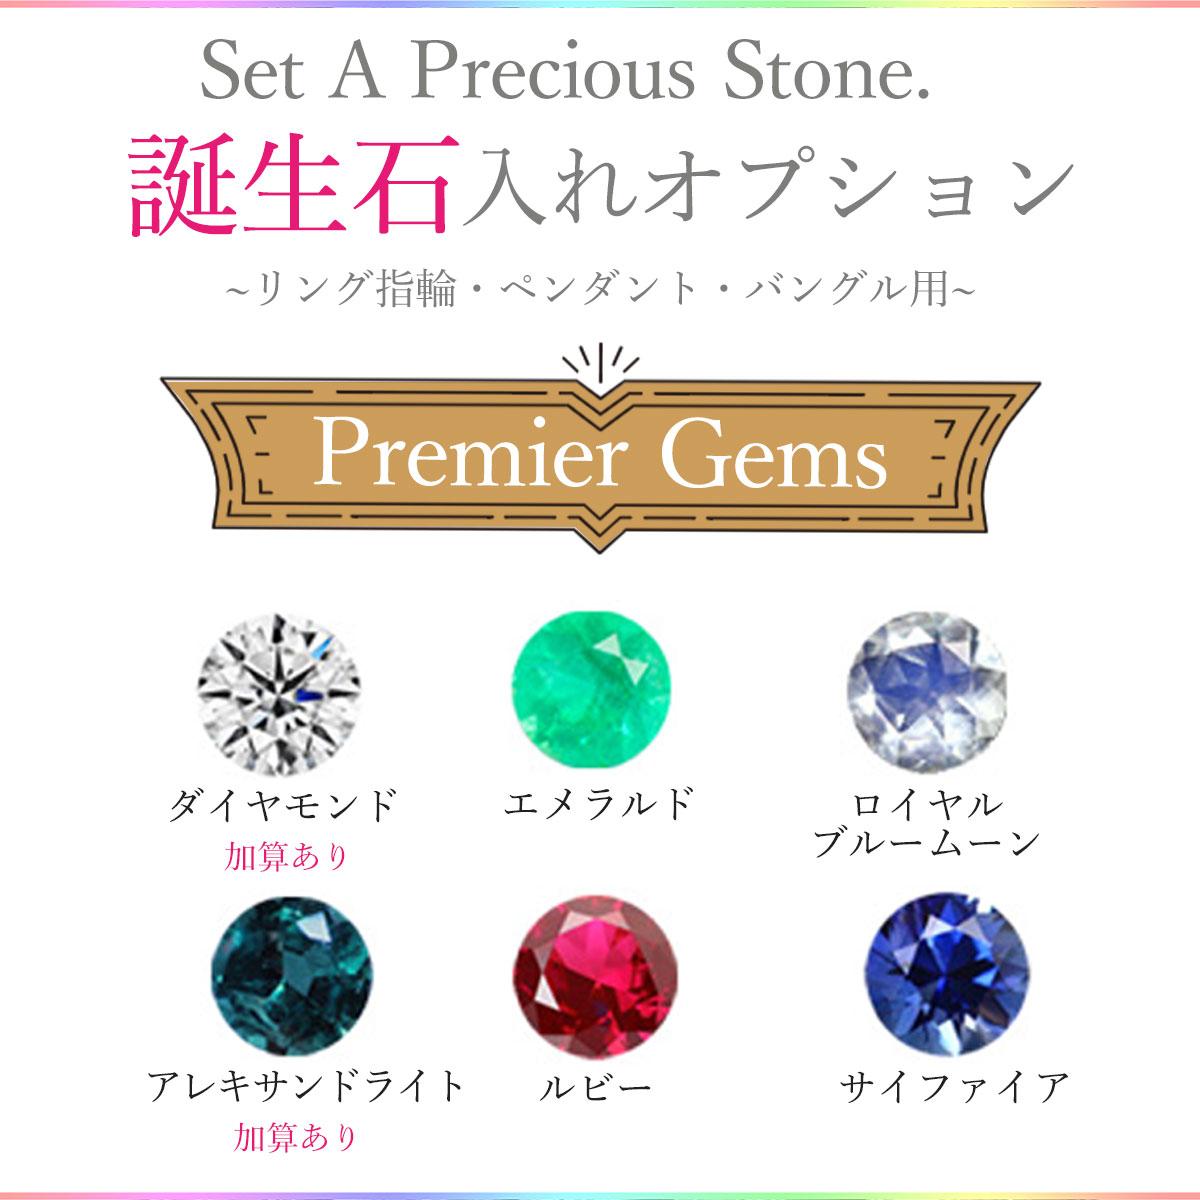 【同時購入特別価格】バングル ハワイアンジュエリー アクセサリー レディース リング・ペンダント・バングル用・ダイヤモンド誕生石セッティングオプション [プレミア] amast3845a